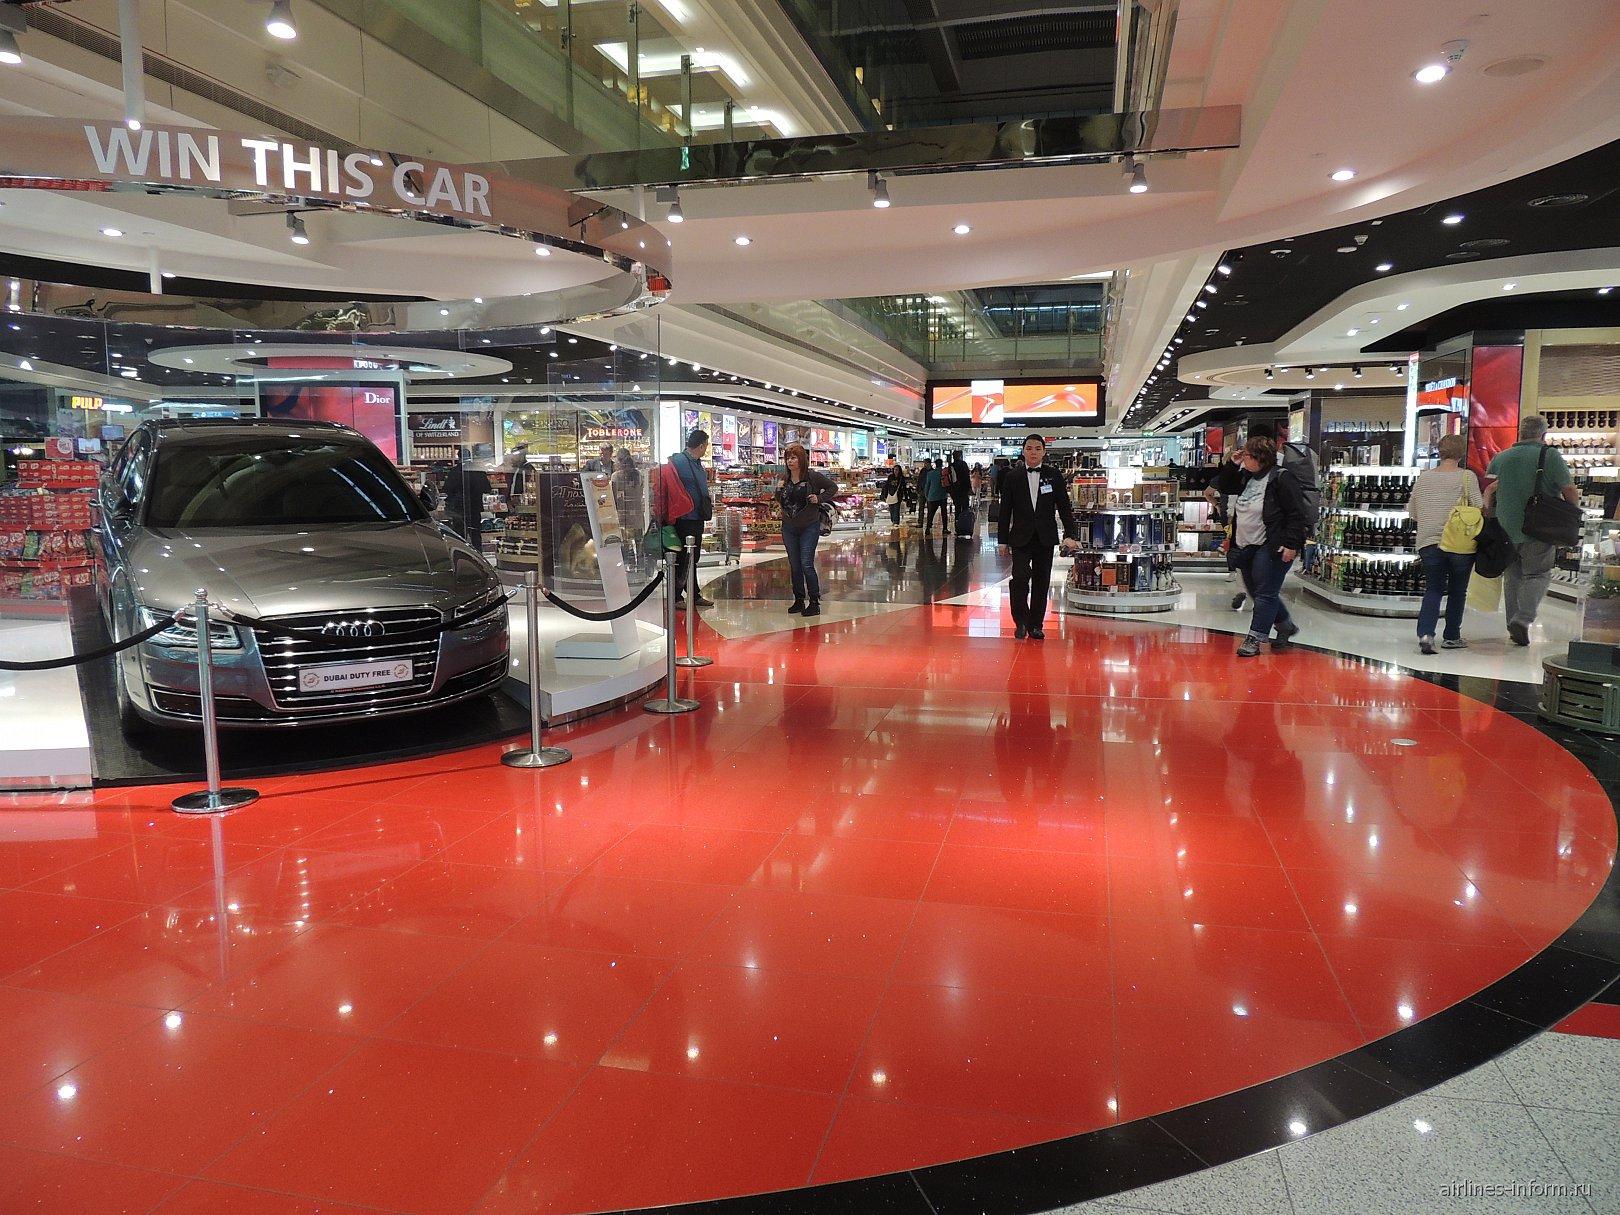 Магазины в терминале 3 аэропорта Дубай